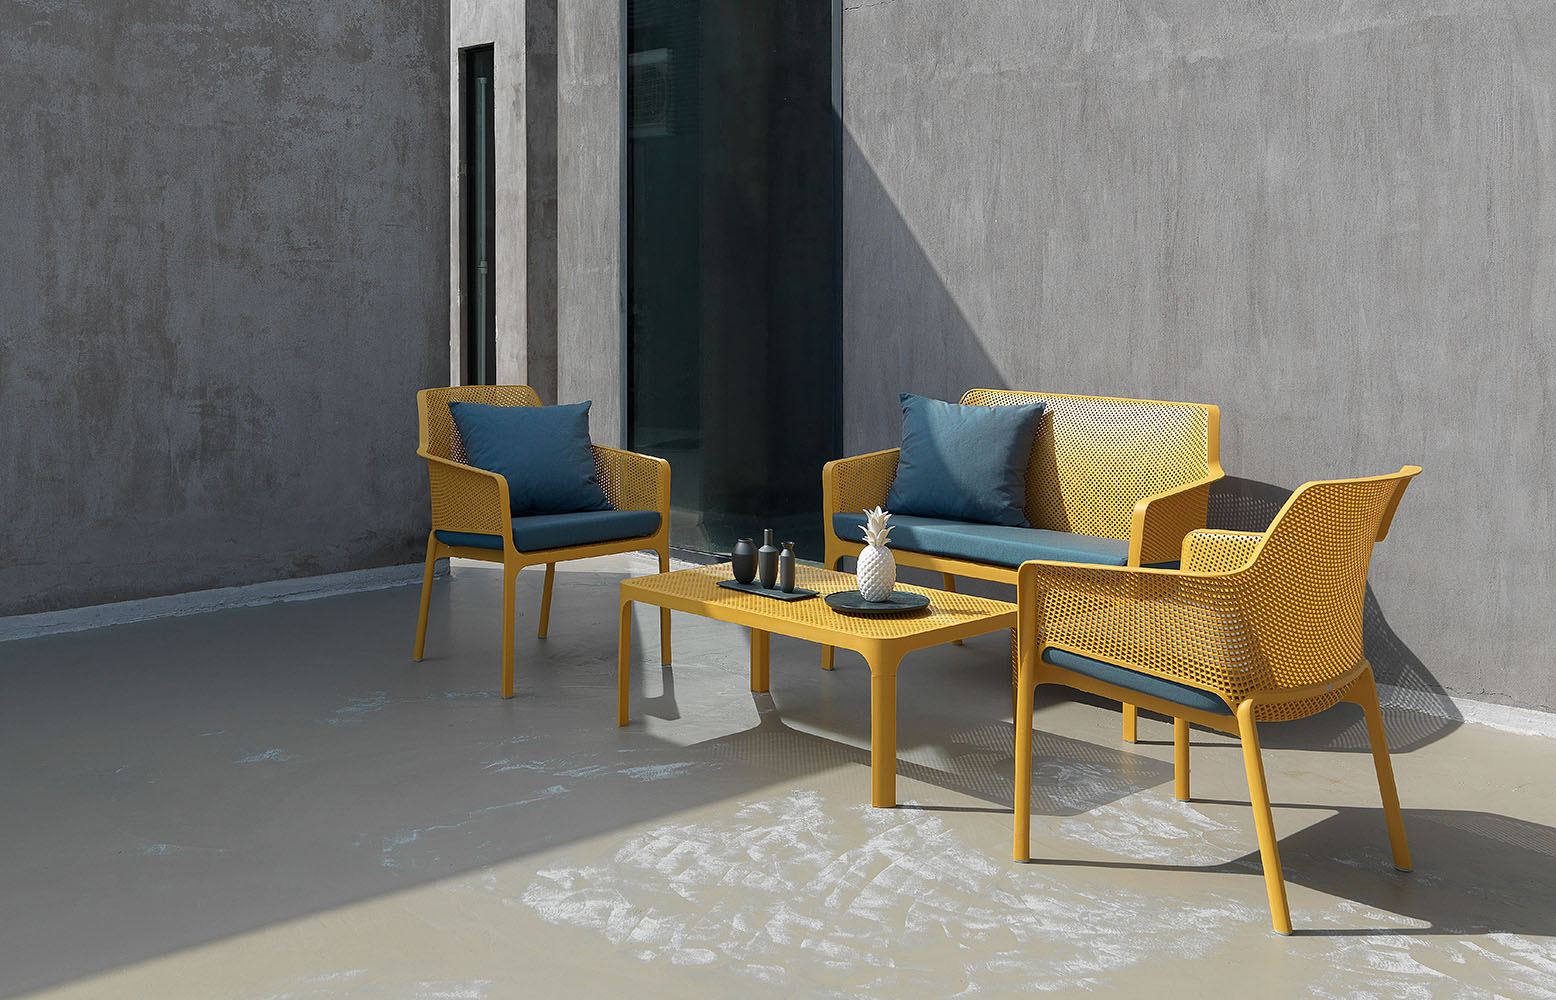 Лава Net, два крісла Net Relax і кавовий столик Net 100 у дворі сучасного приватного будинку